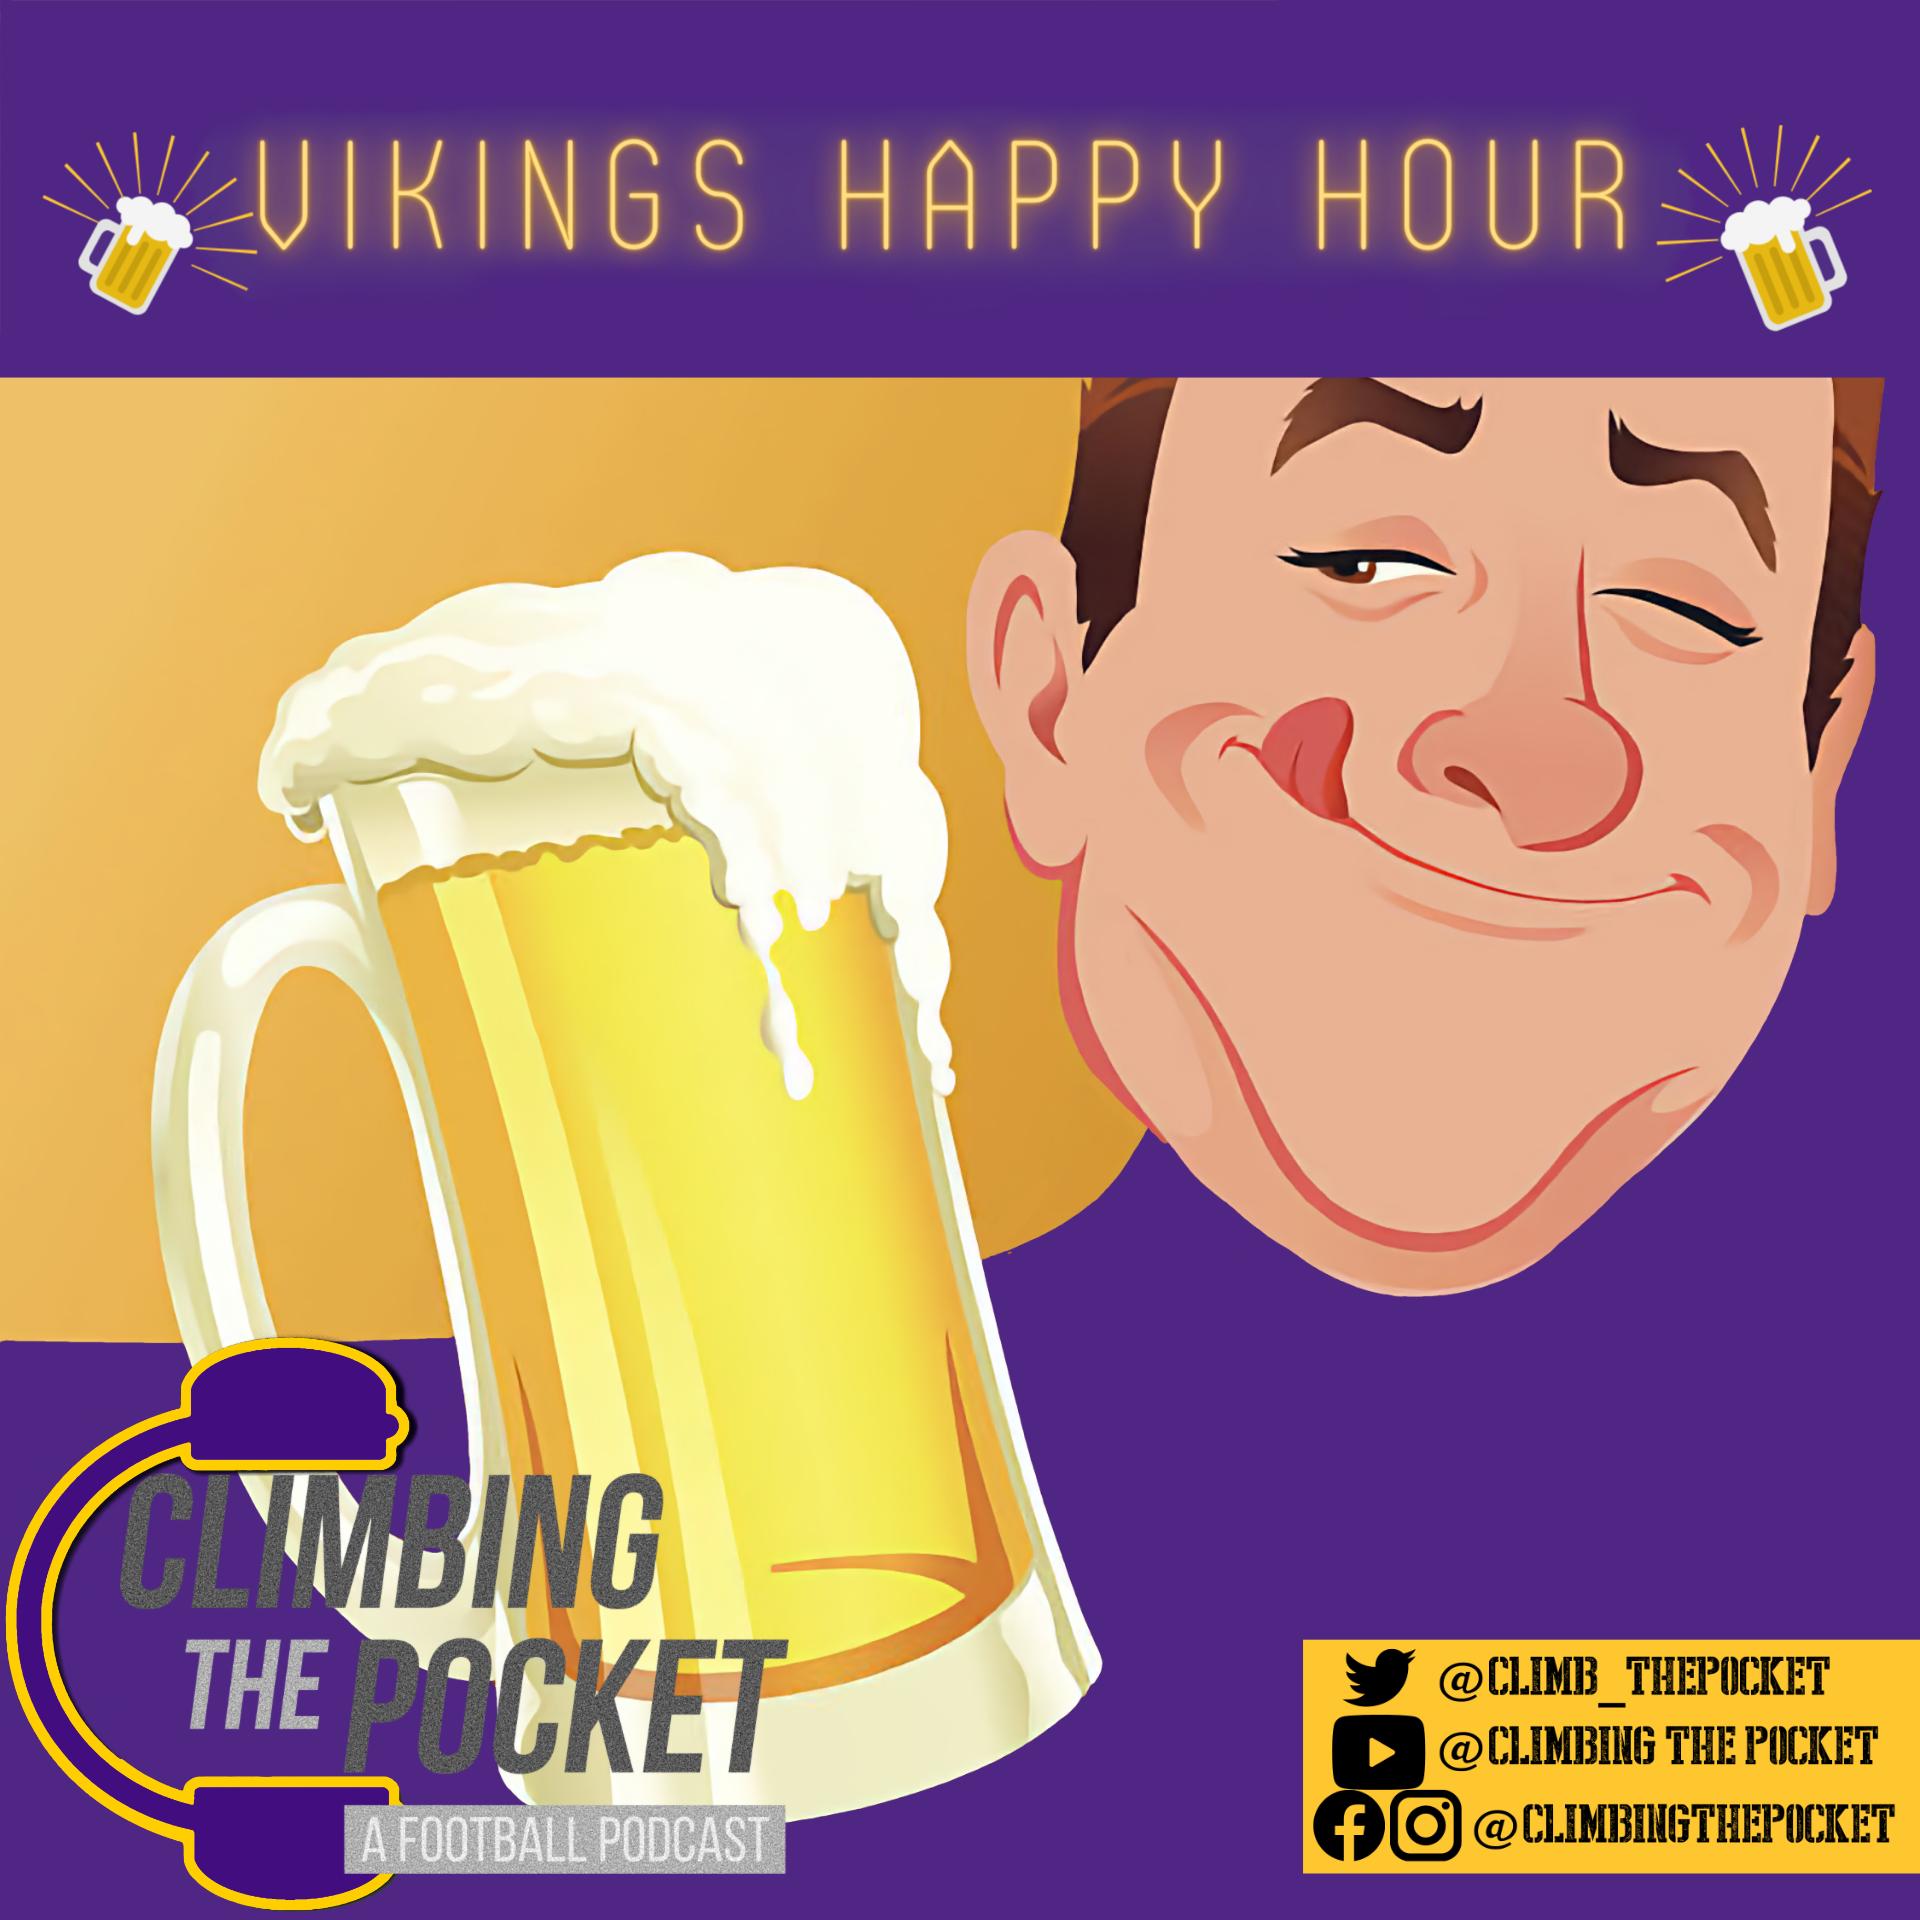 Vikings Happy Hour